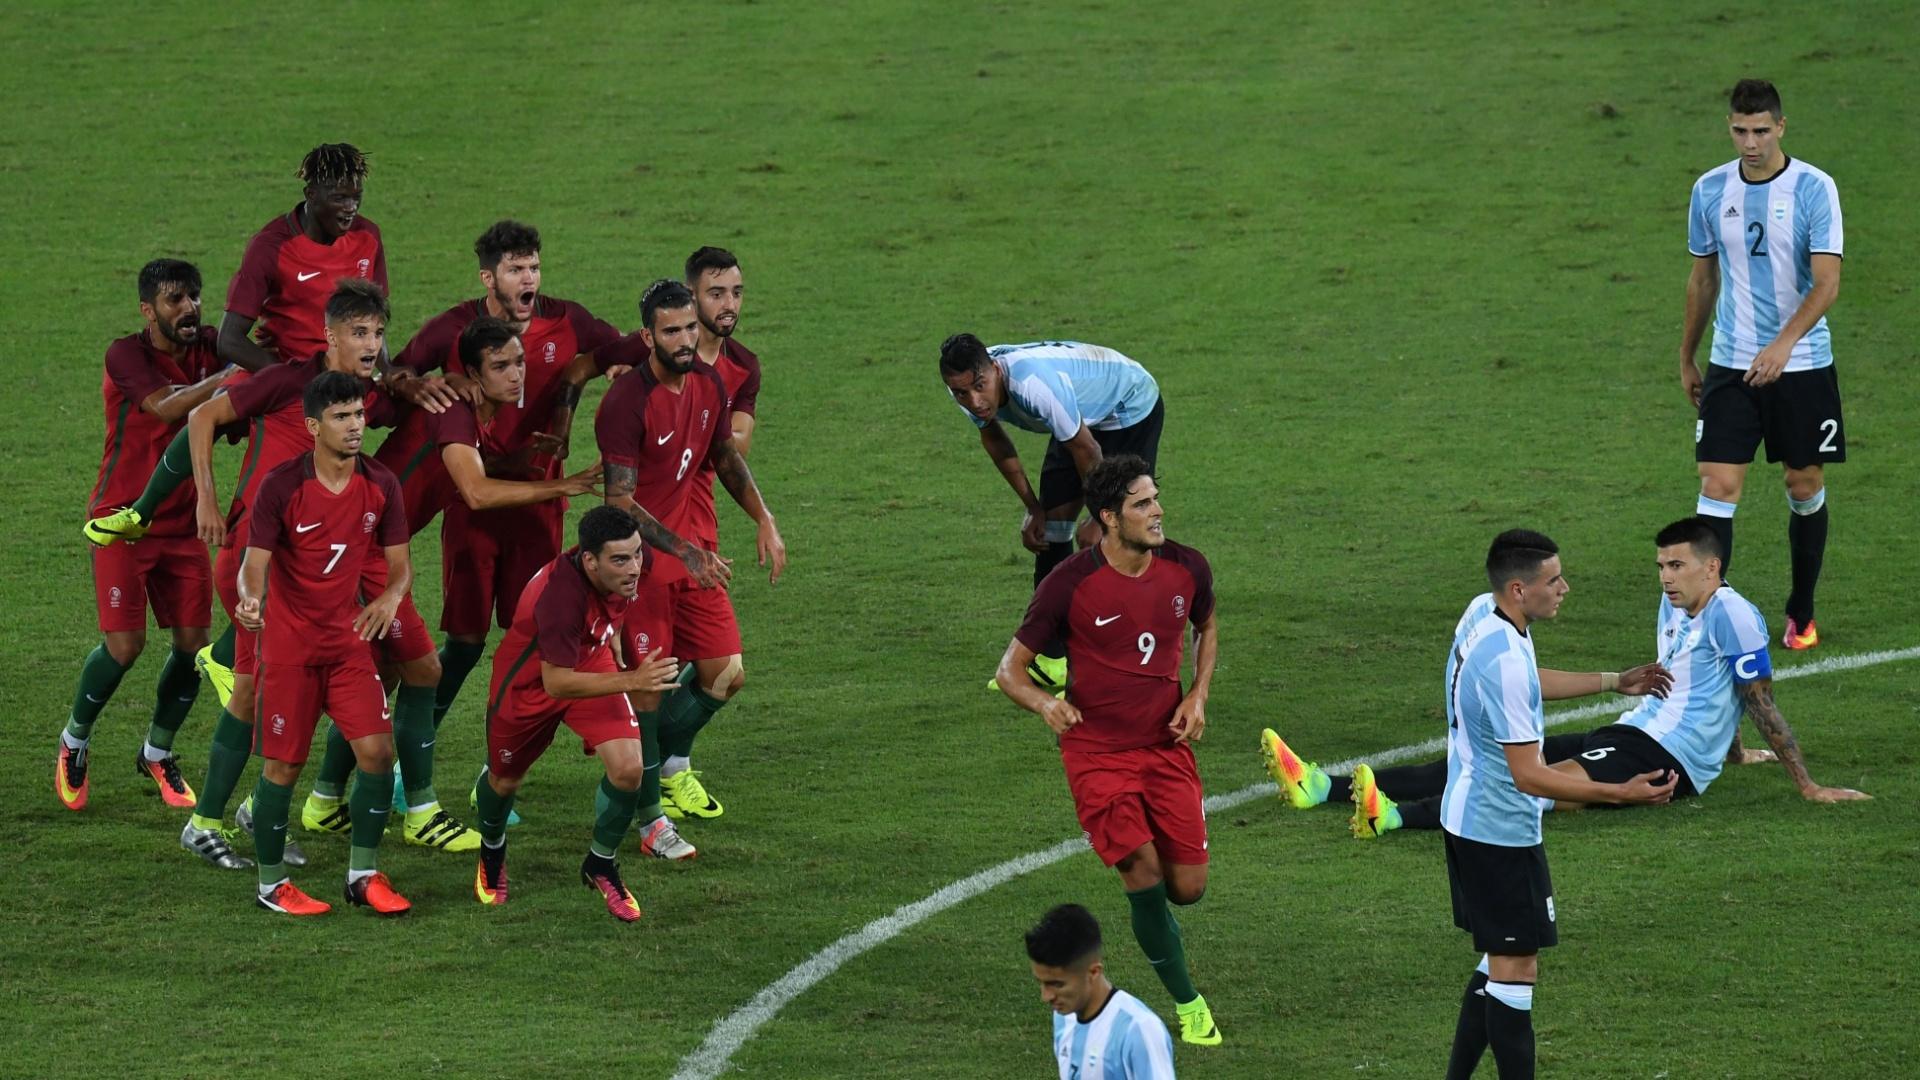 Paciencia comemora gol na estreia da seleção portuguesa pela Olimpíada